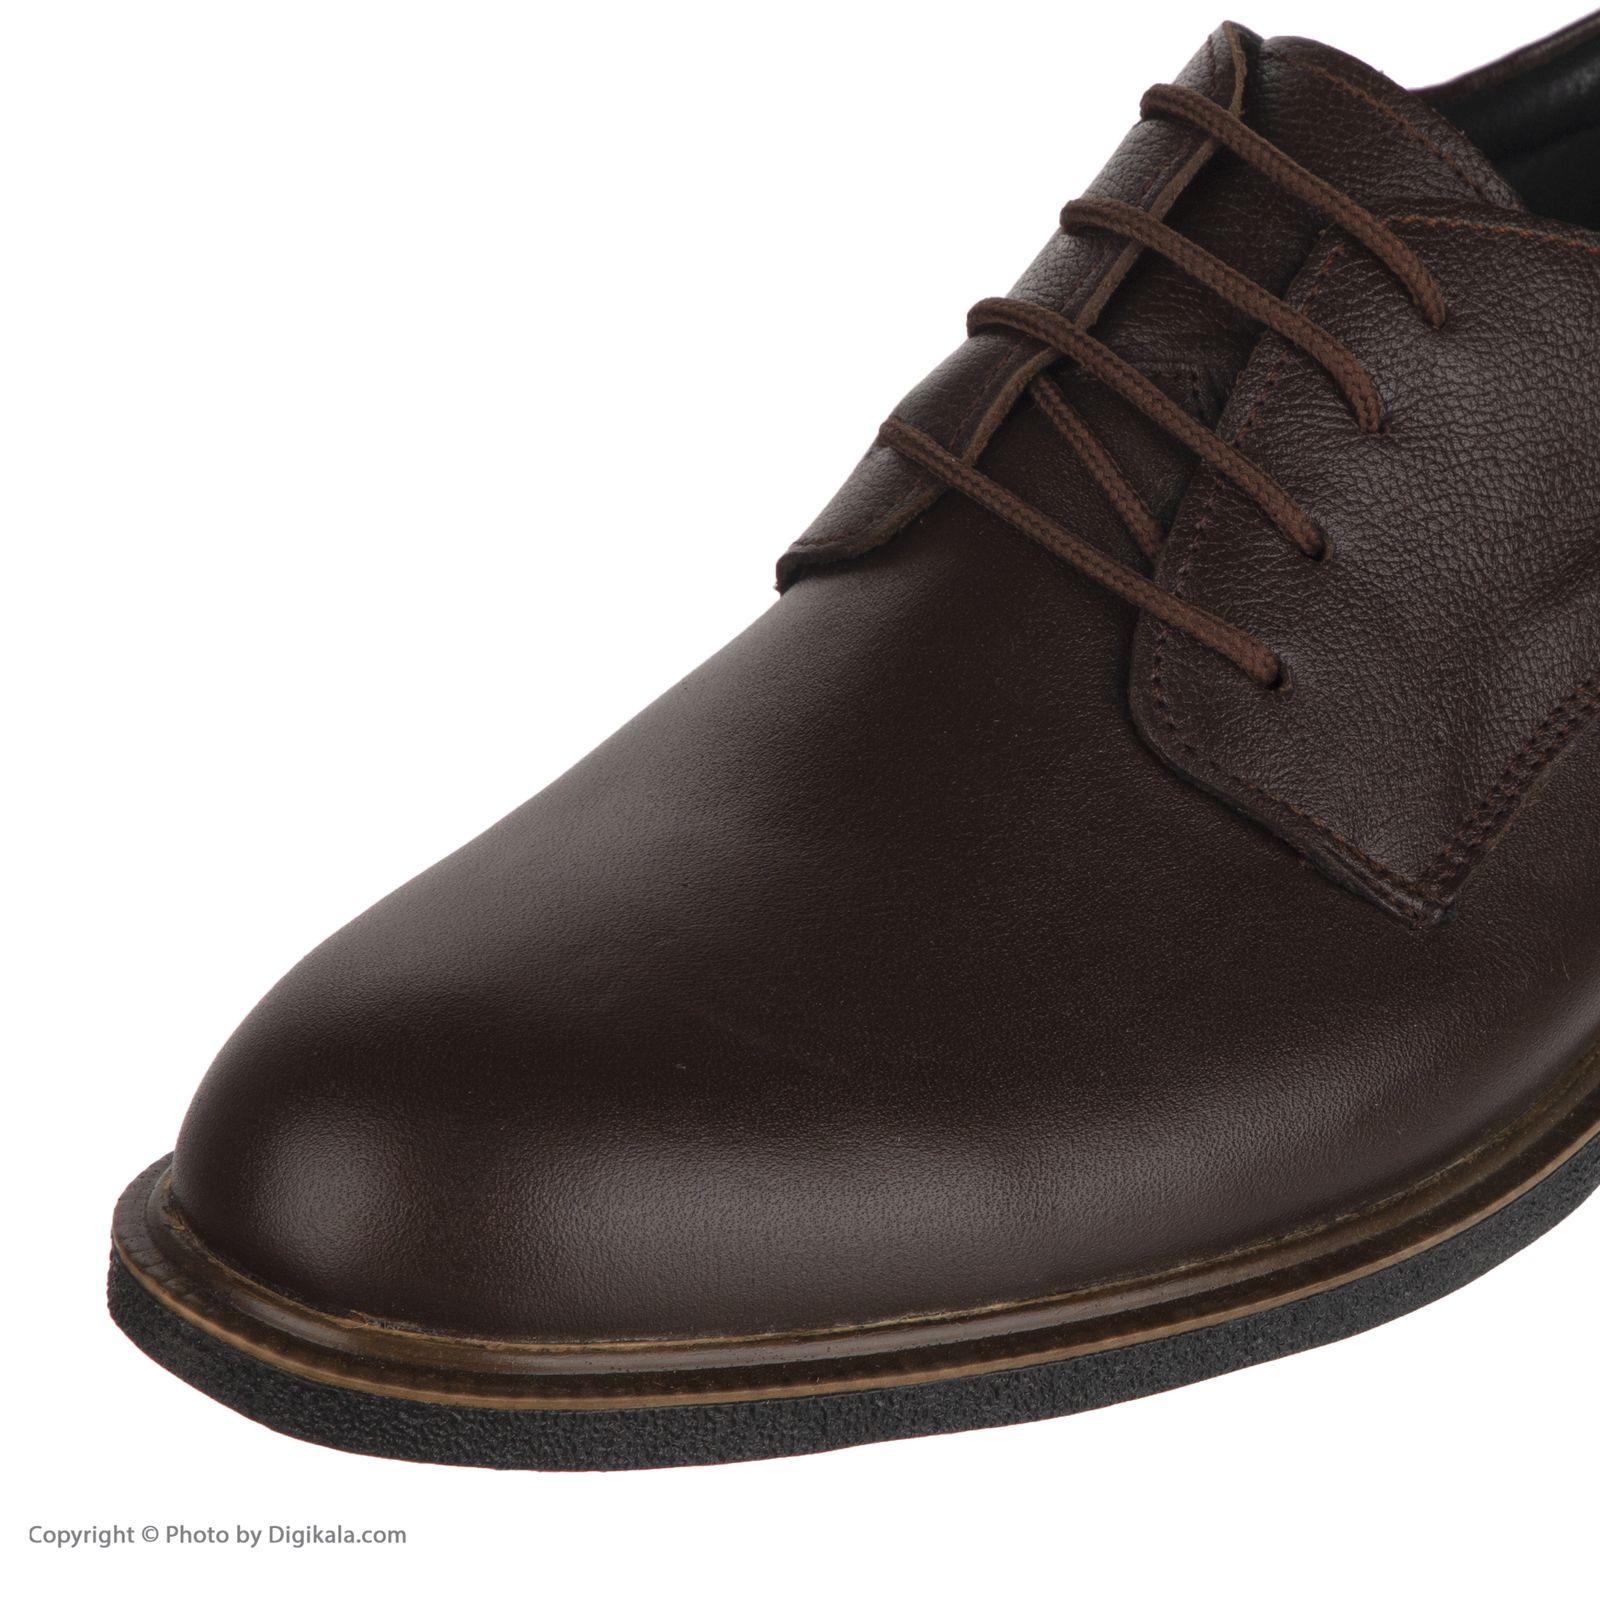 کفش مردانه سوته مدل 4870L503104 -  - 8